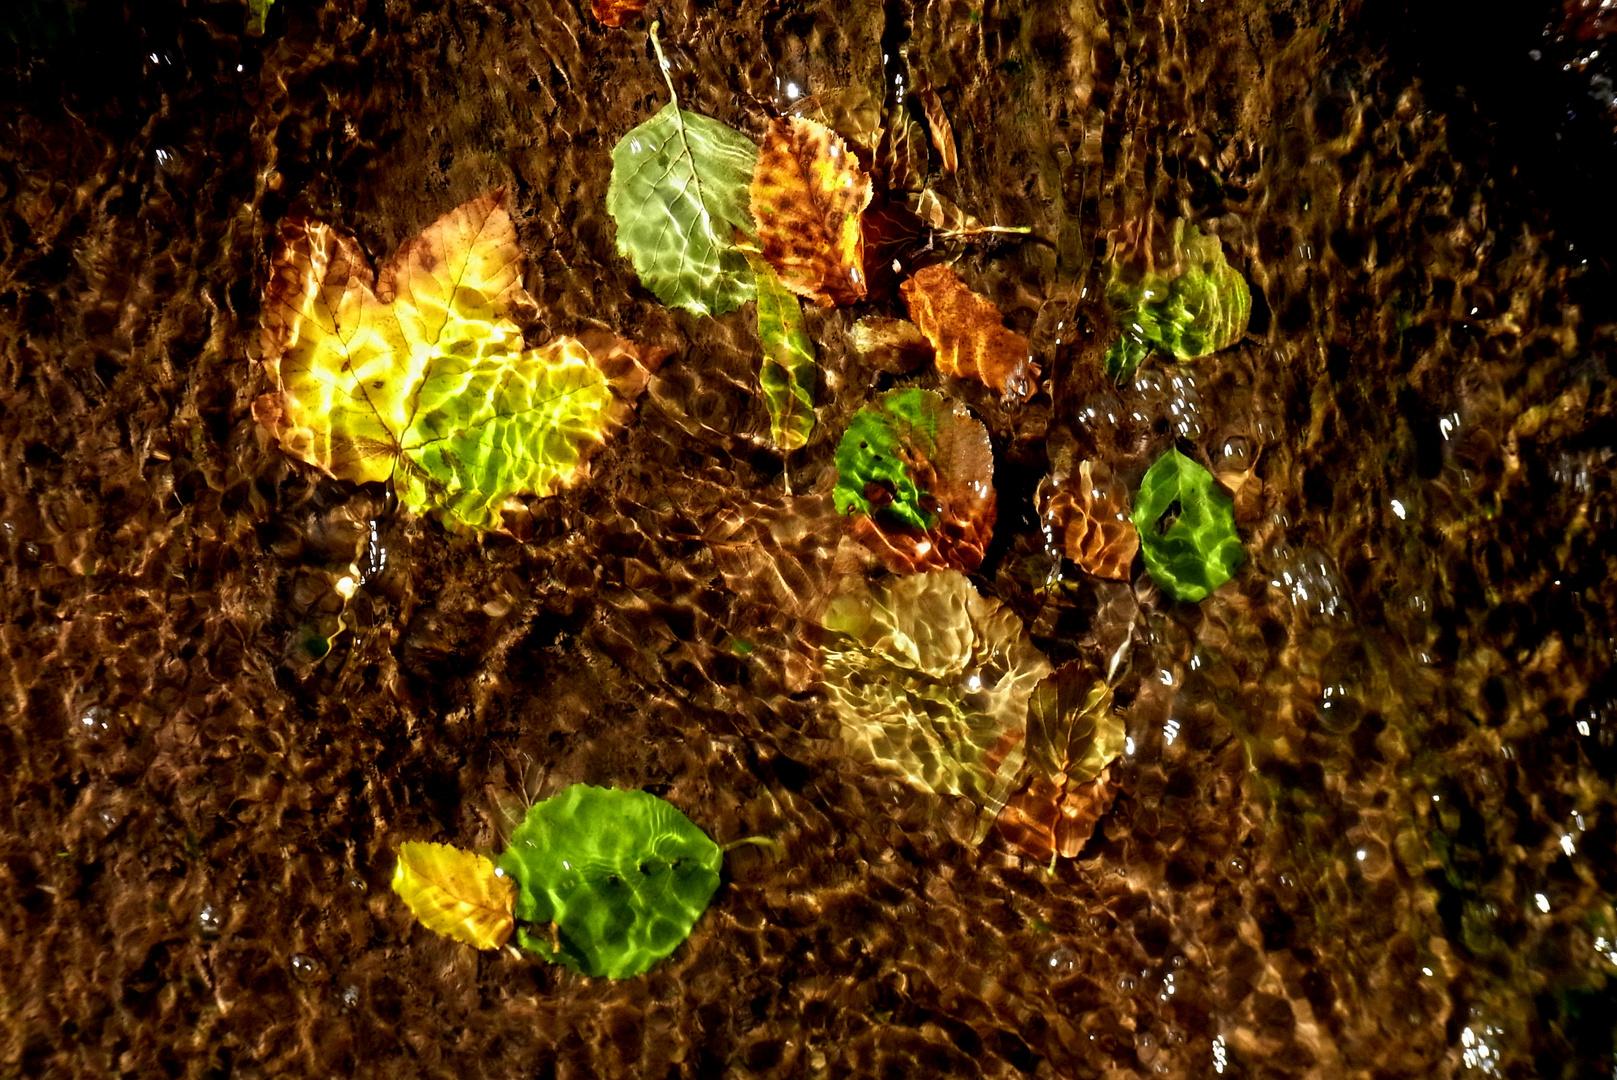 Herbstliche Licht-Wasser-Spiele